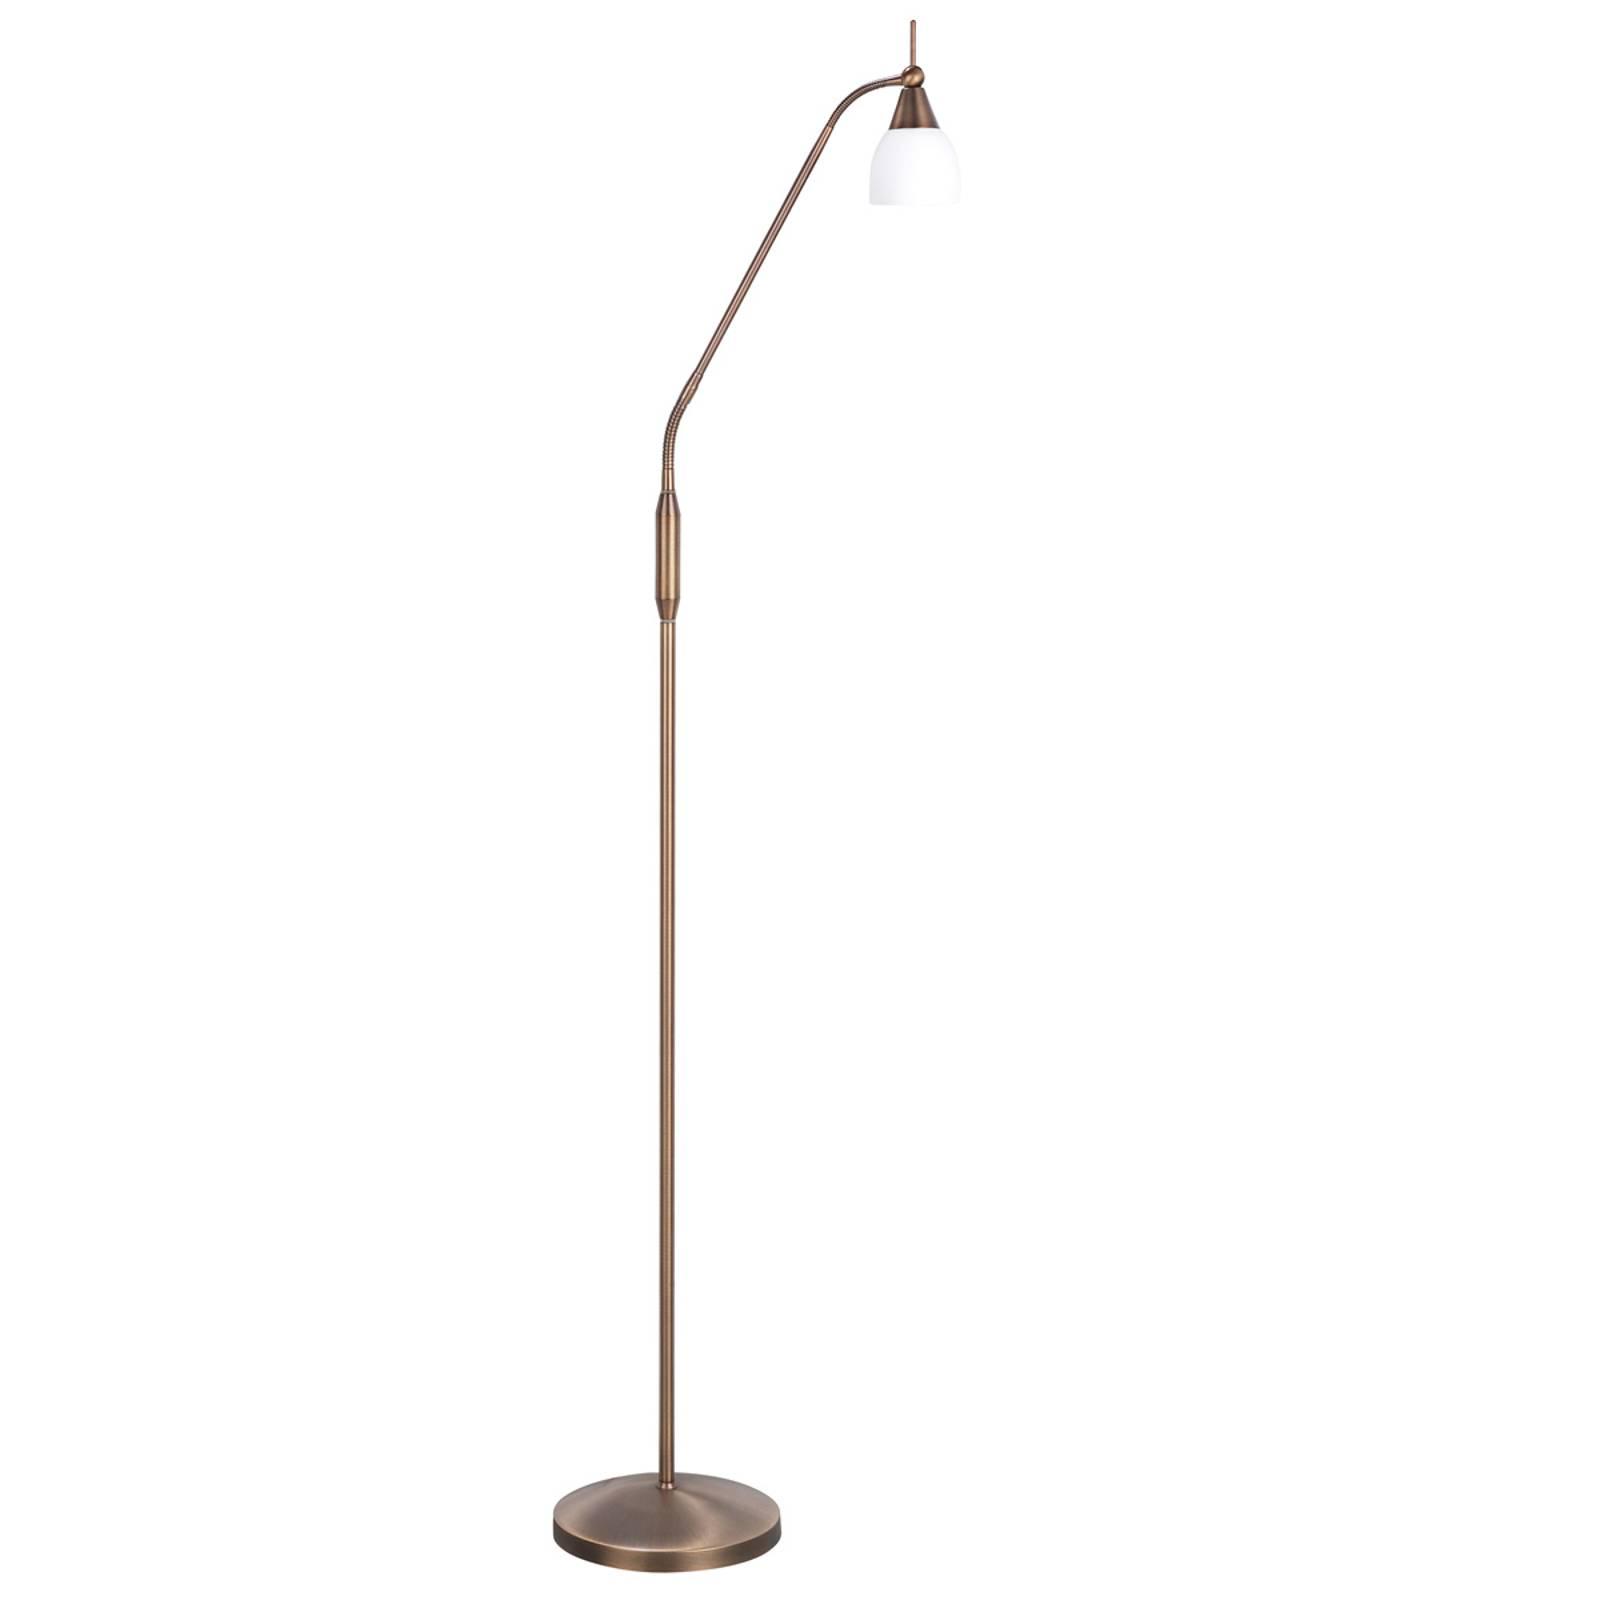 Bronzen vloerlamp Touchy met 3-voudige schakelaar